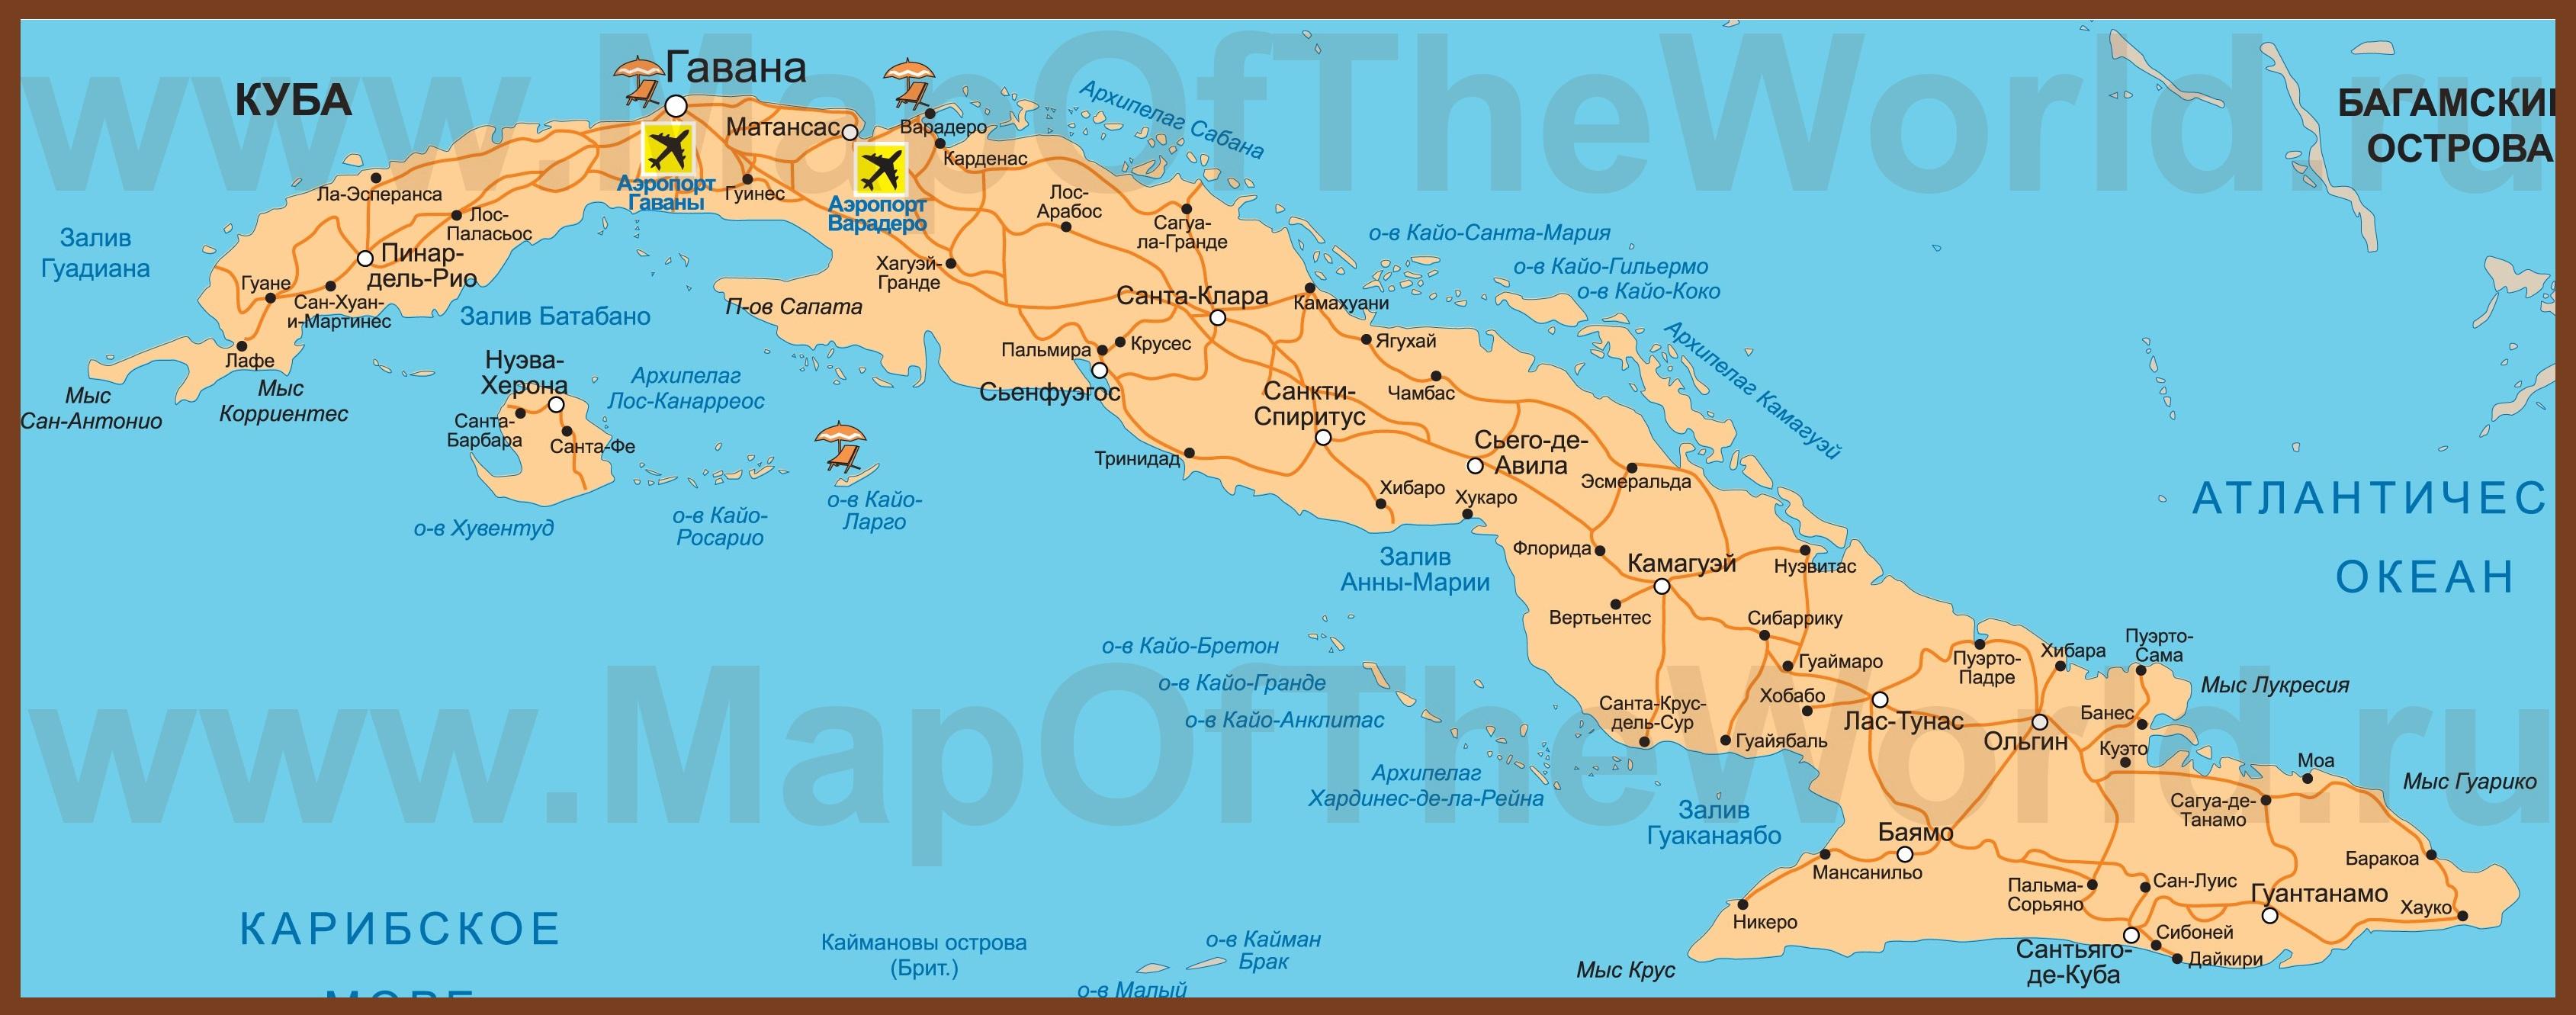 Karta Kuby Na Russkom Yazyke